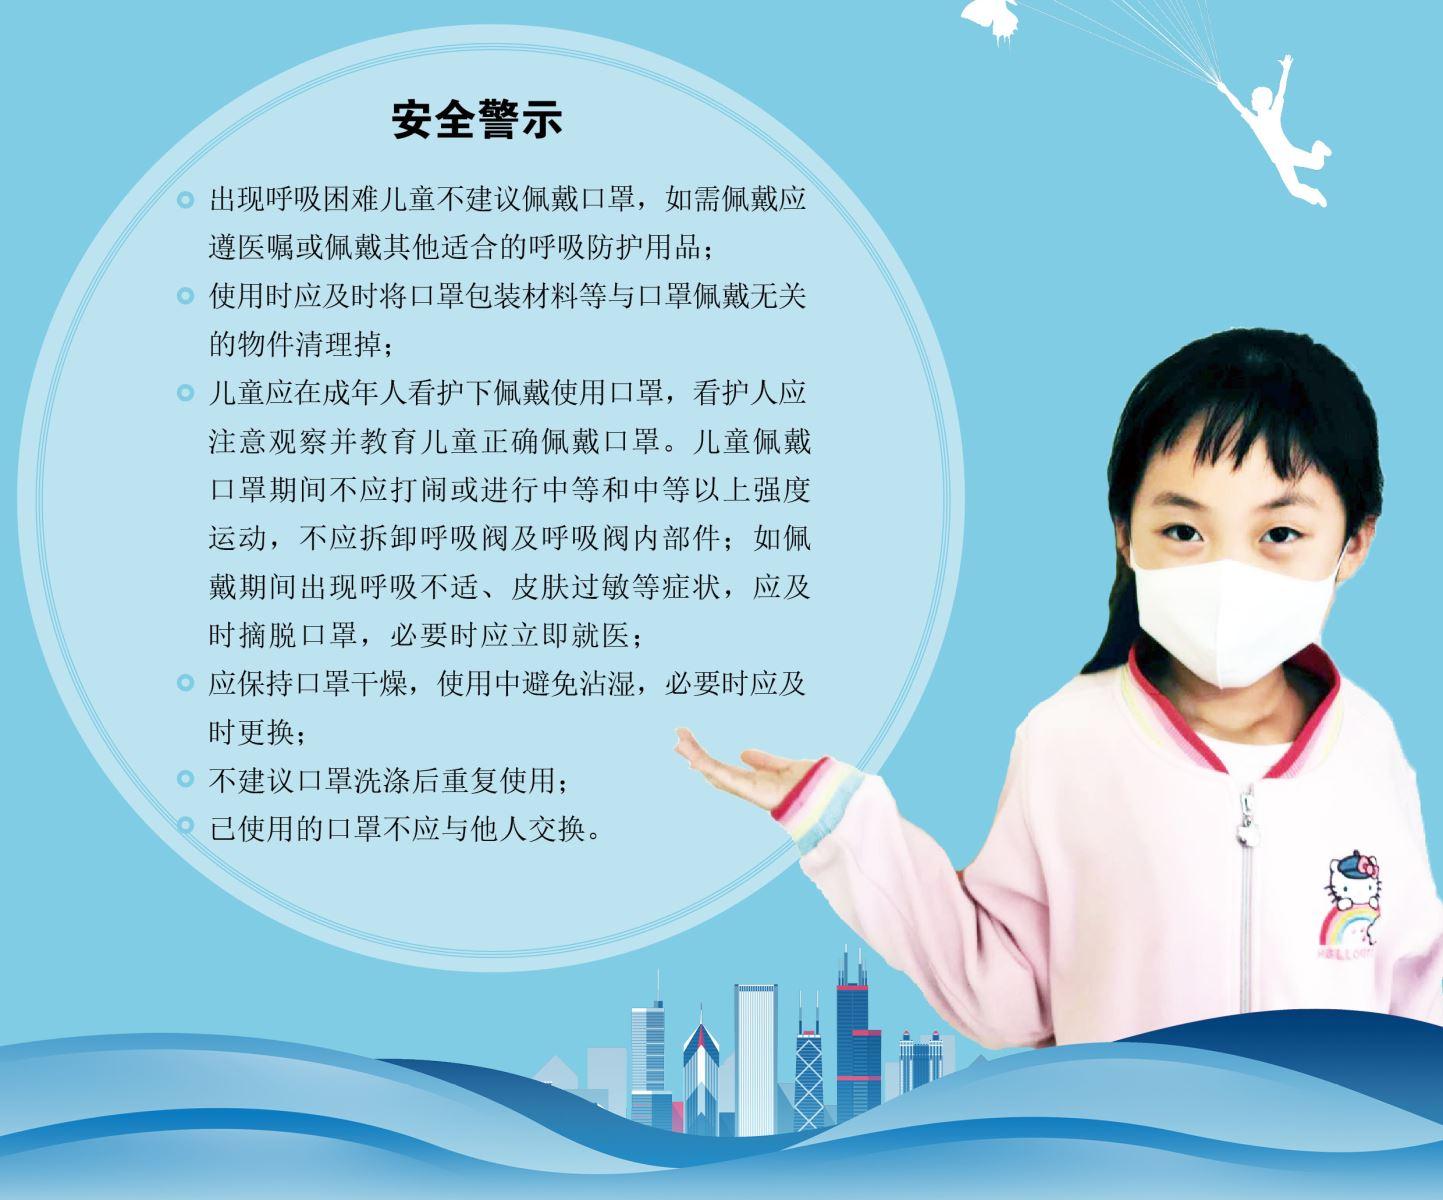 儿童口罩国家标准发布 润扬仪器为生产企业提供口罩检测仪器技术支持